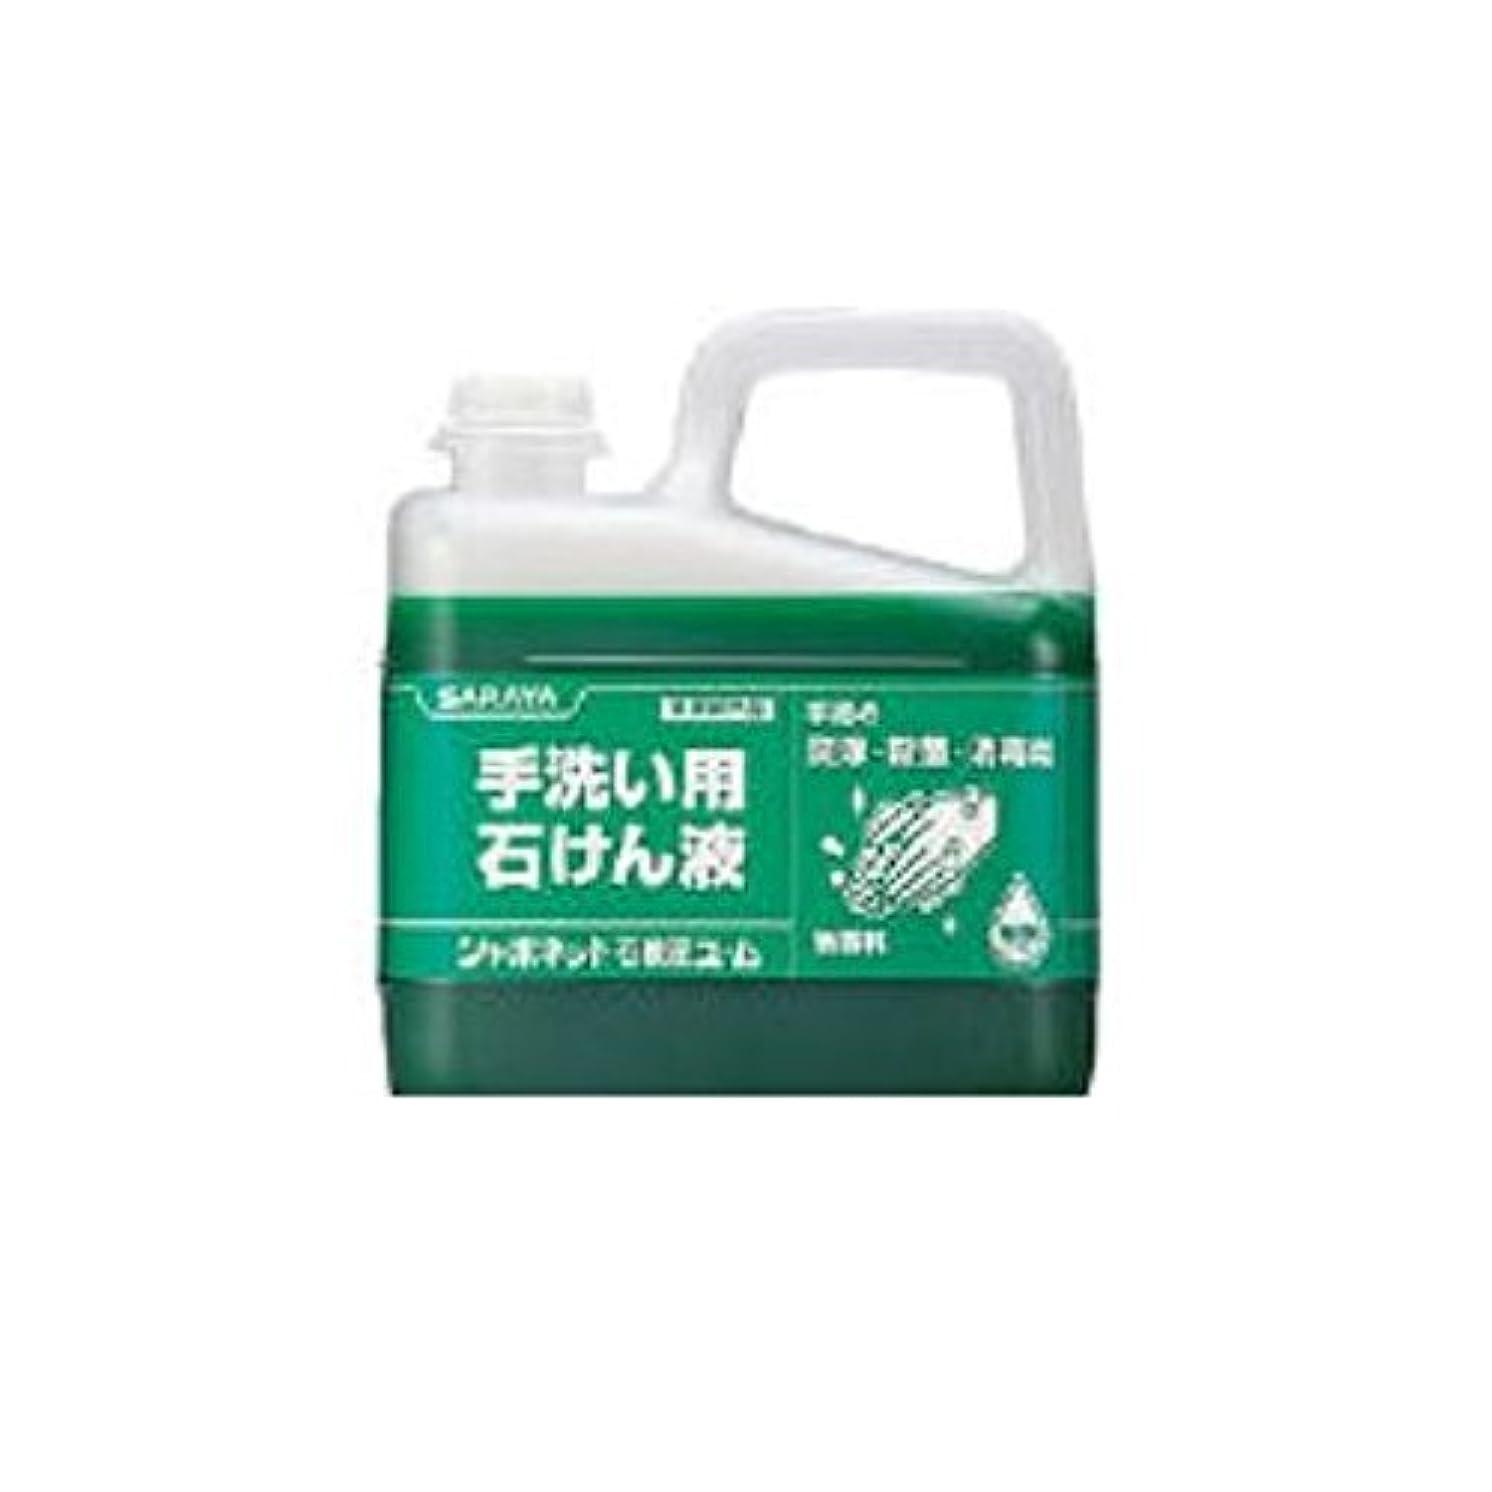 バーター便利ロックFU50524 ハンドソープ シャボネット石鹸液ユ?ム 5kg